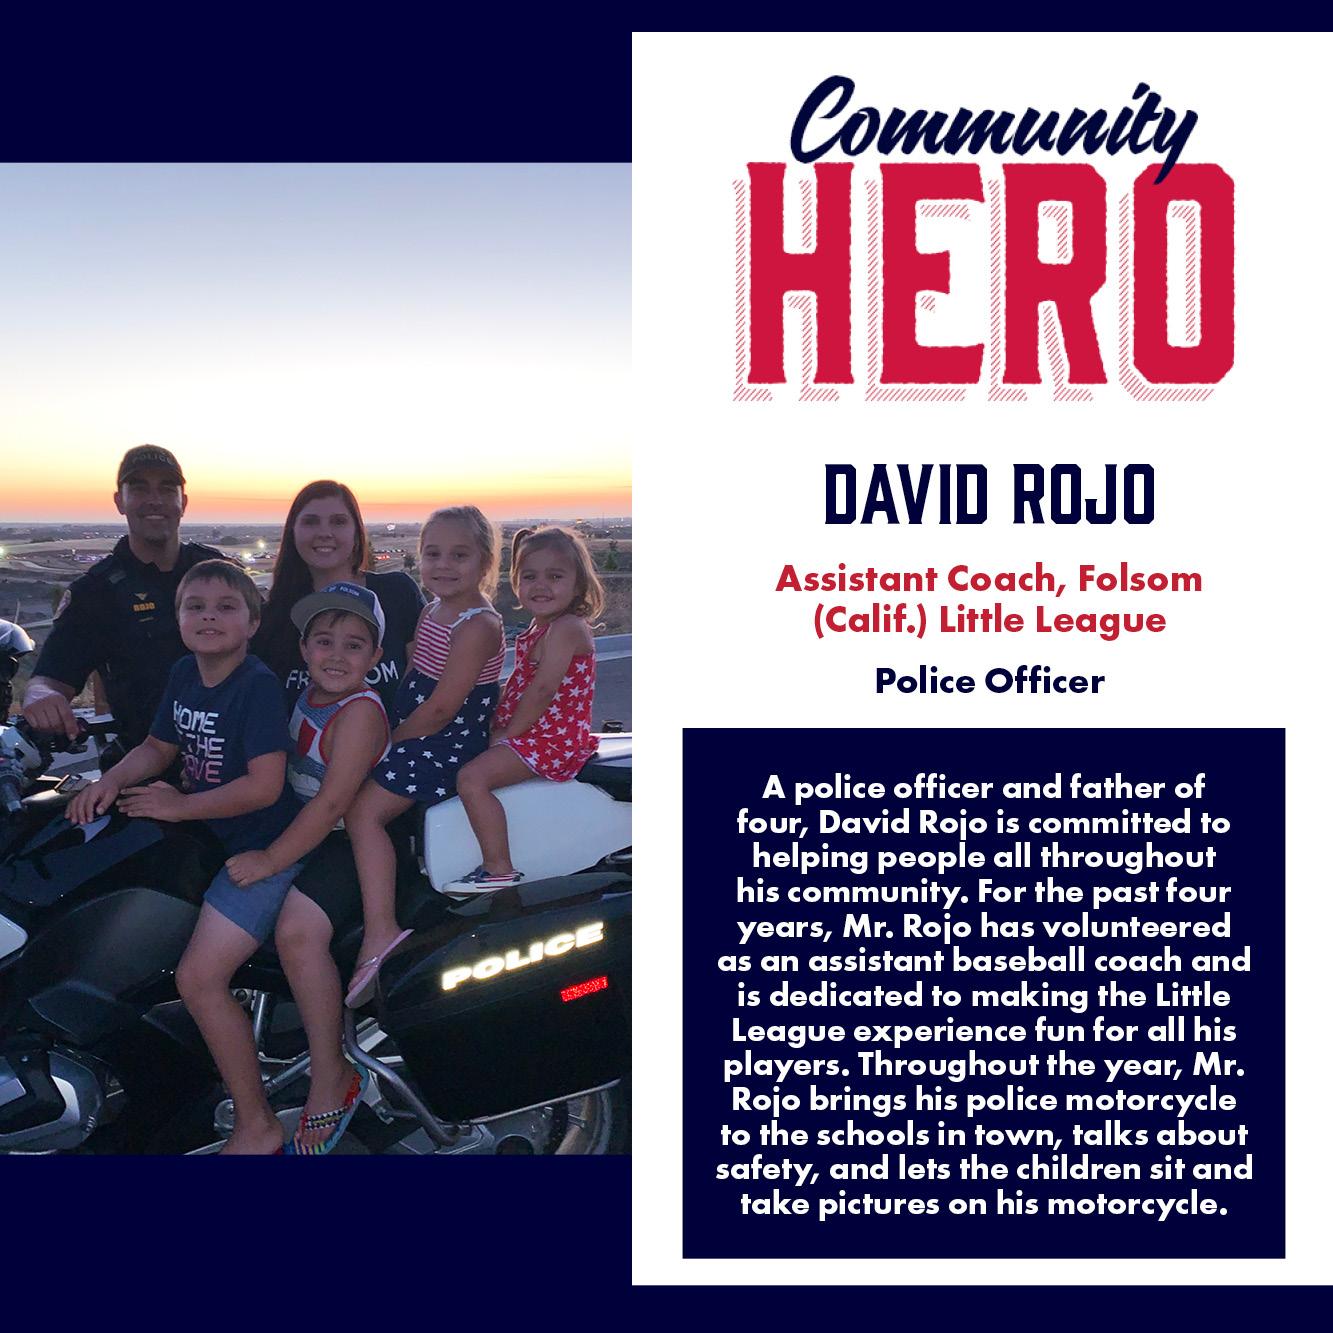 David Rojo Community Hero